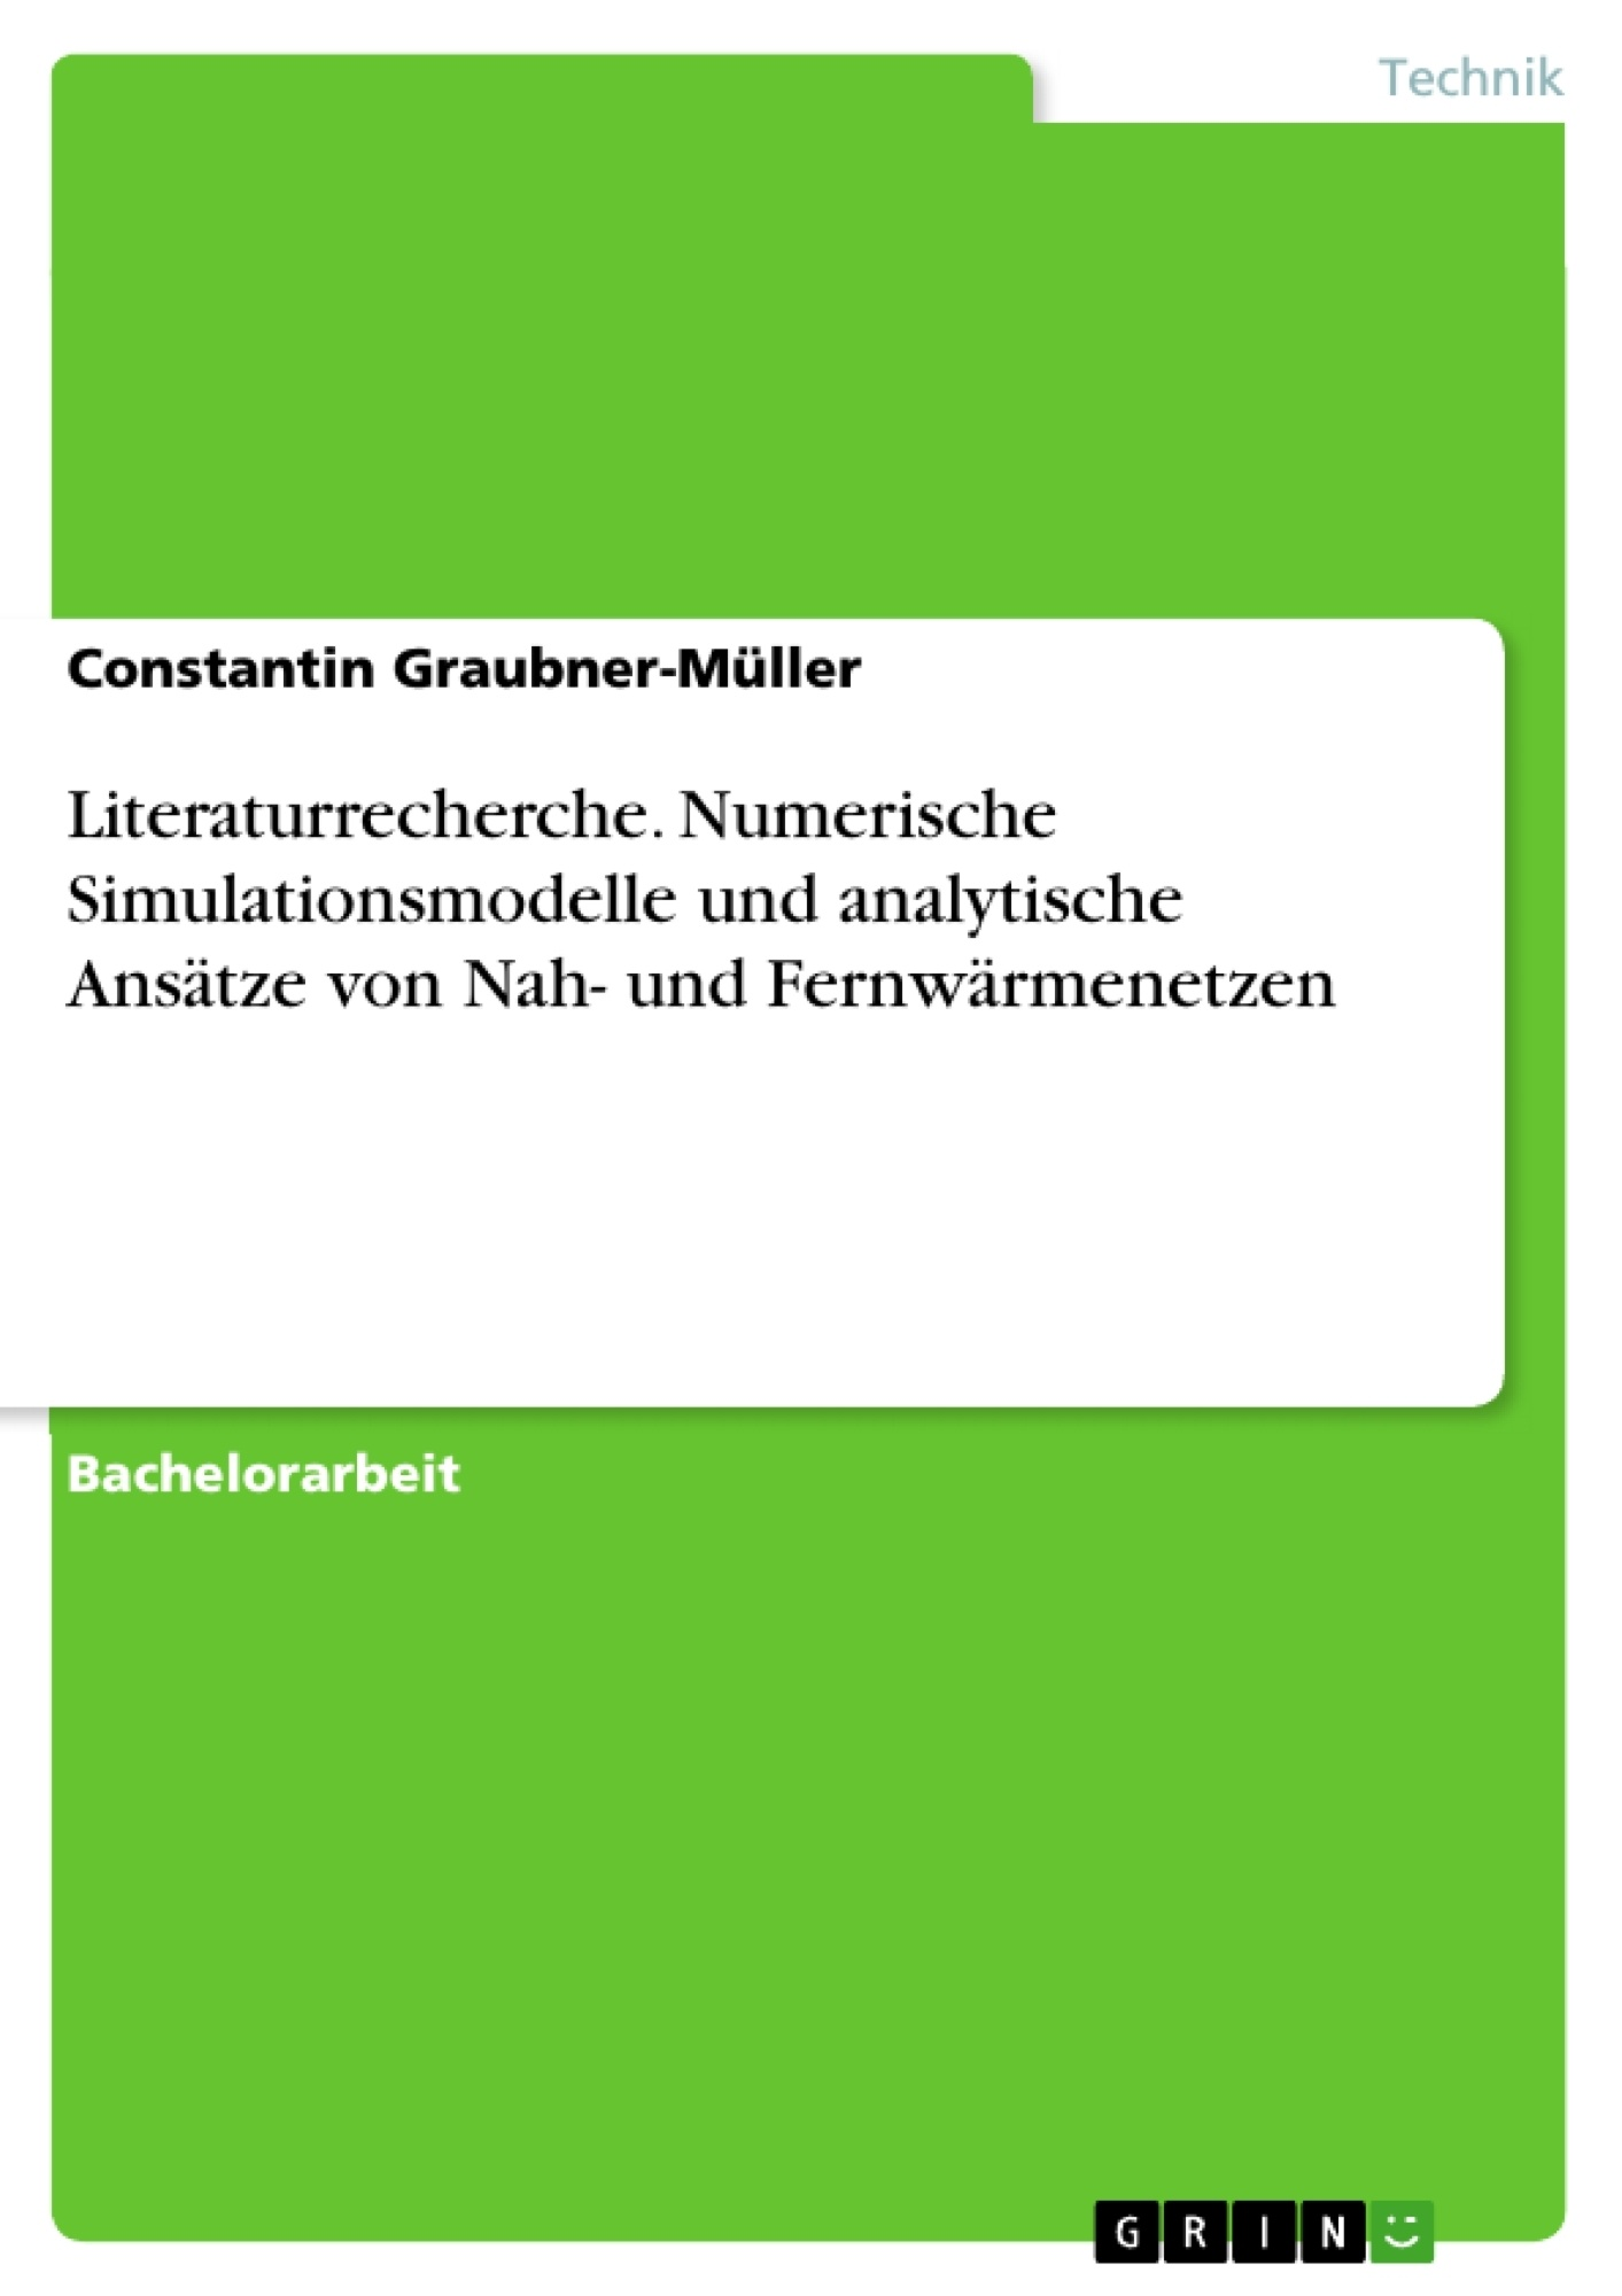 Titel: Literaturrecherche. Numerische Simulationsmodelle und analytische Ansätze von Nah- und Fernwärmenetzen